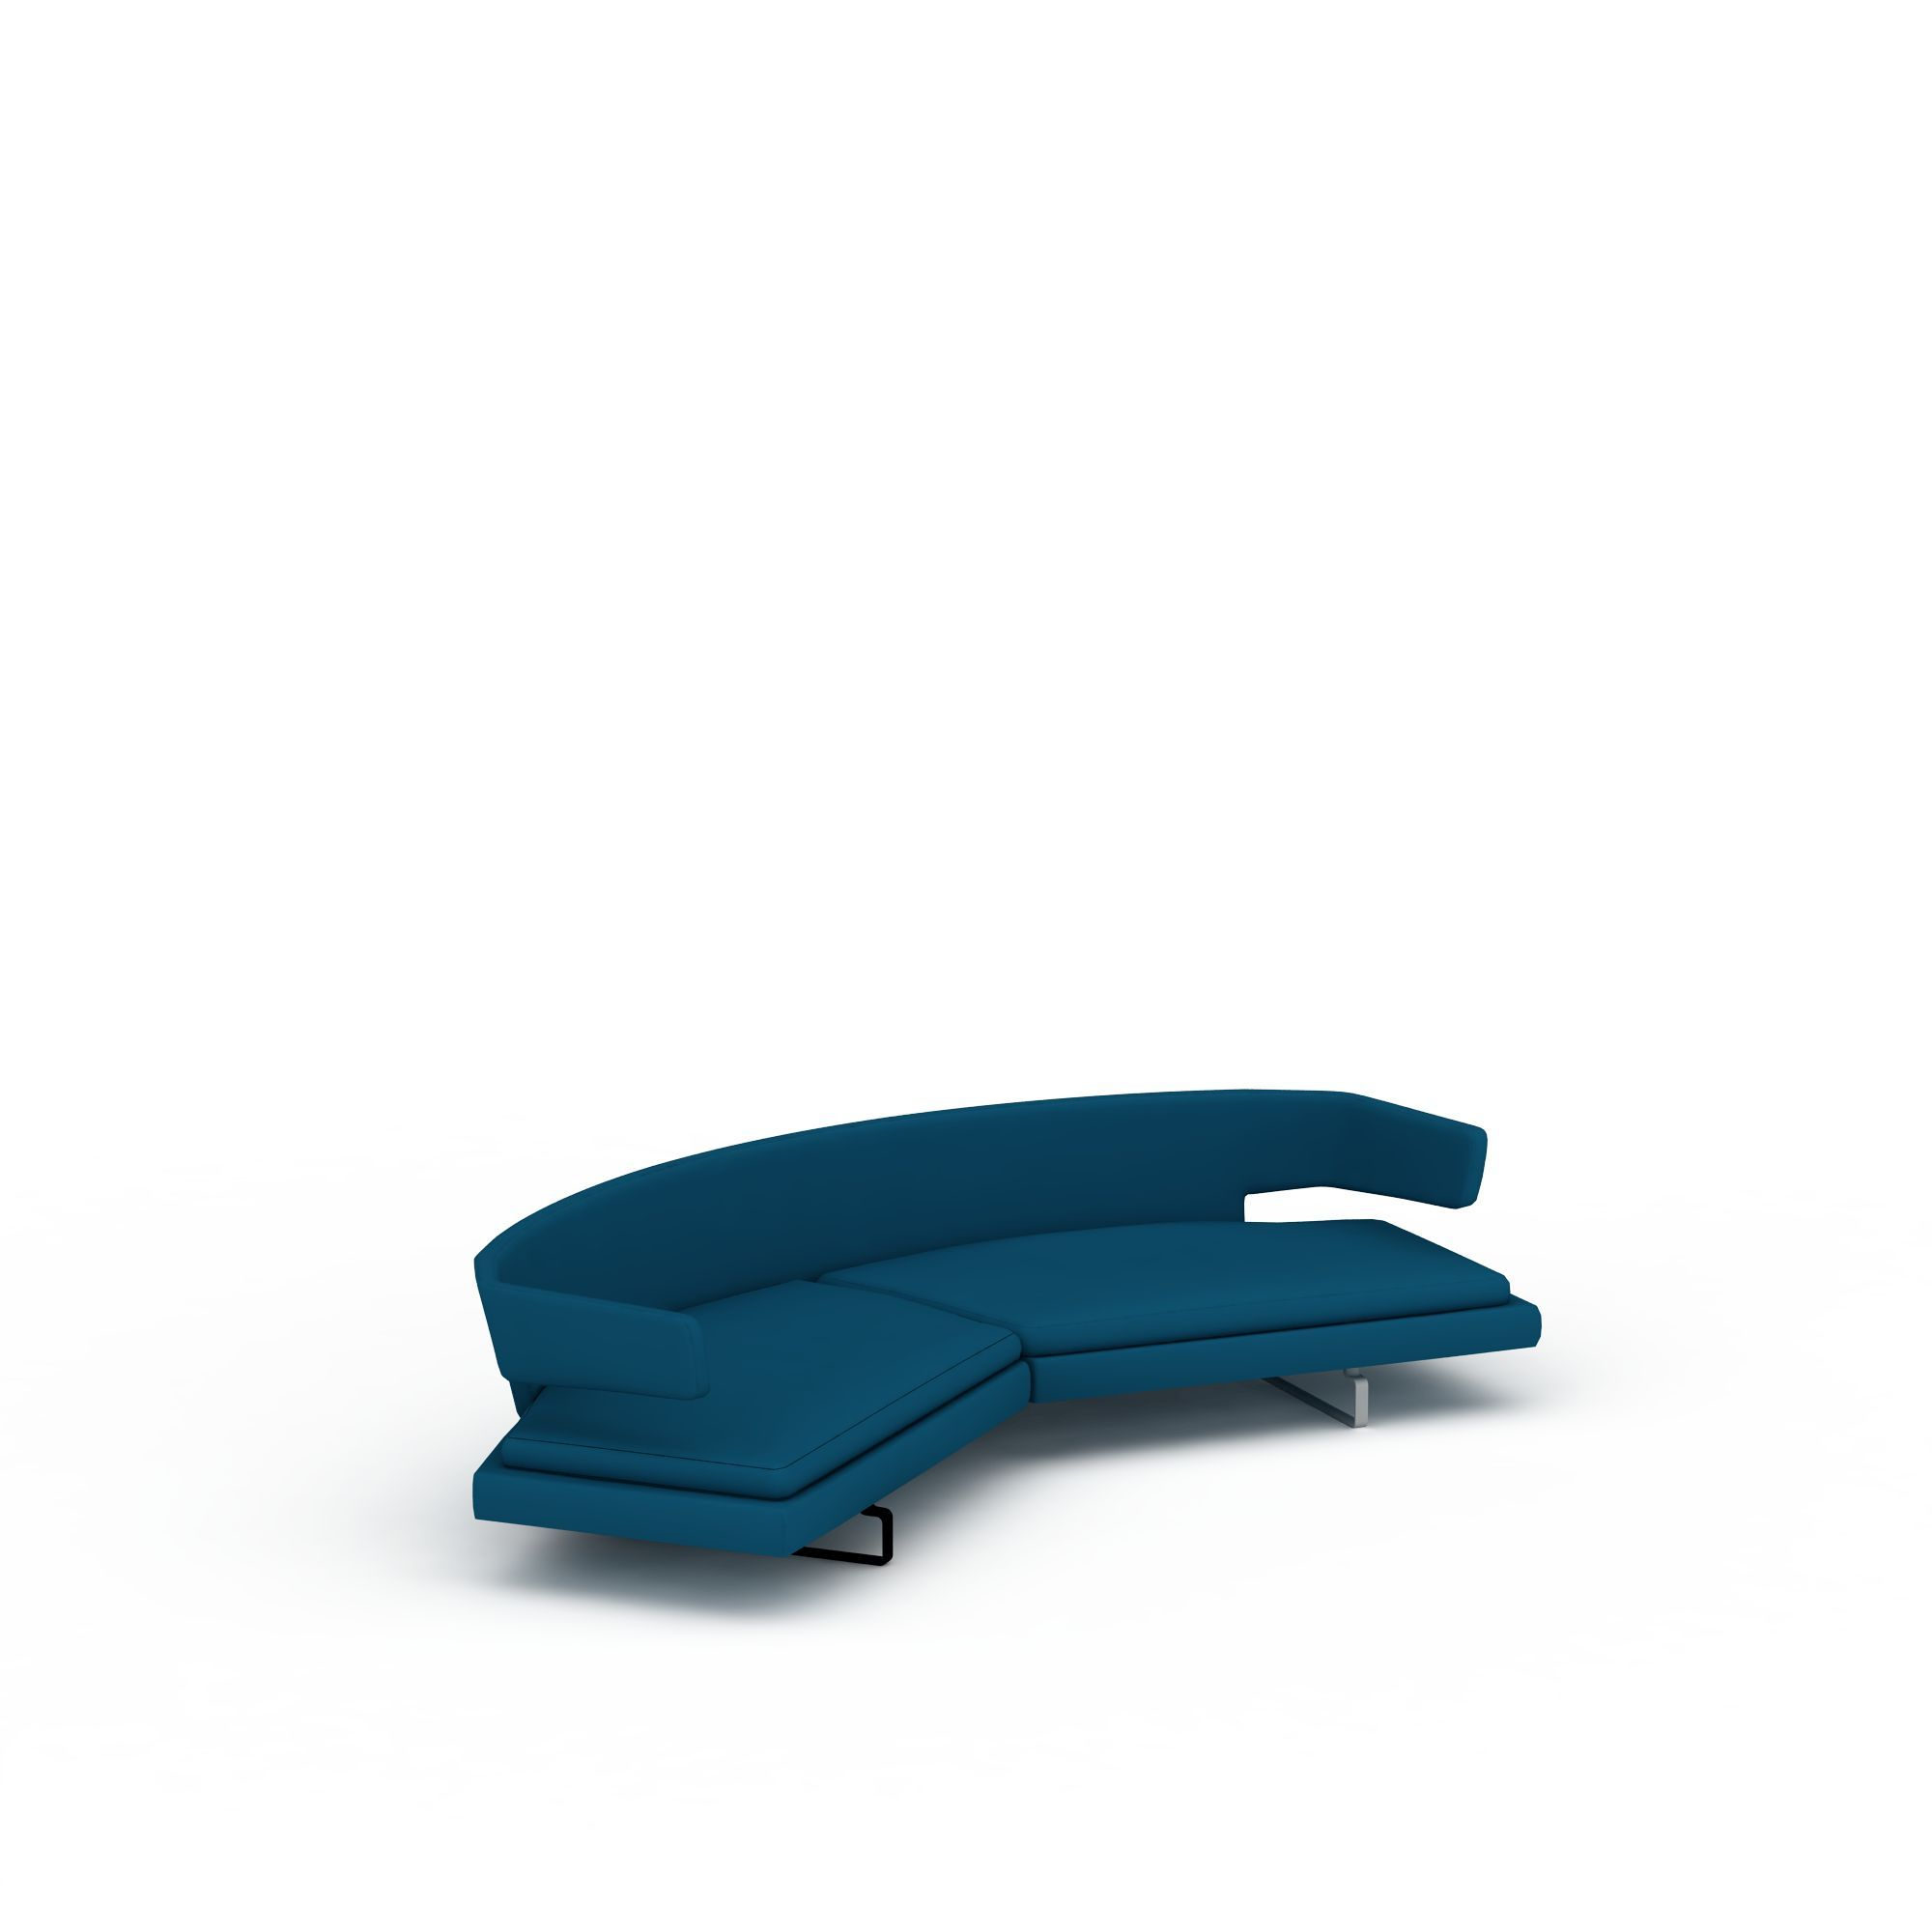 蓝色弧形沙发图片_蓝色弧形沙发png图片素材